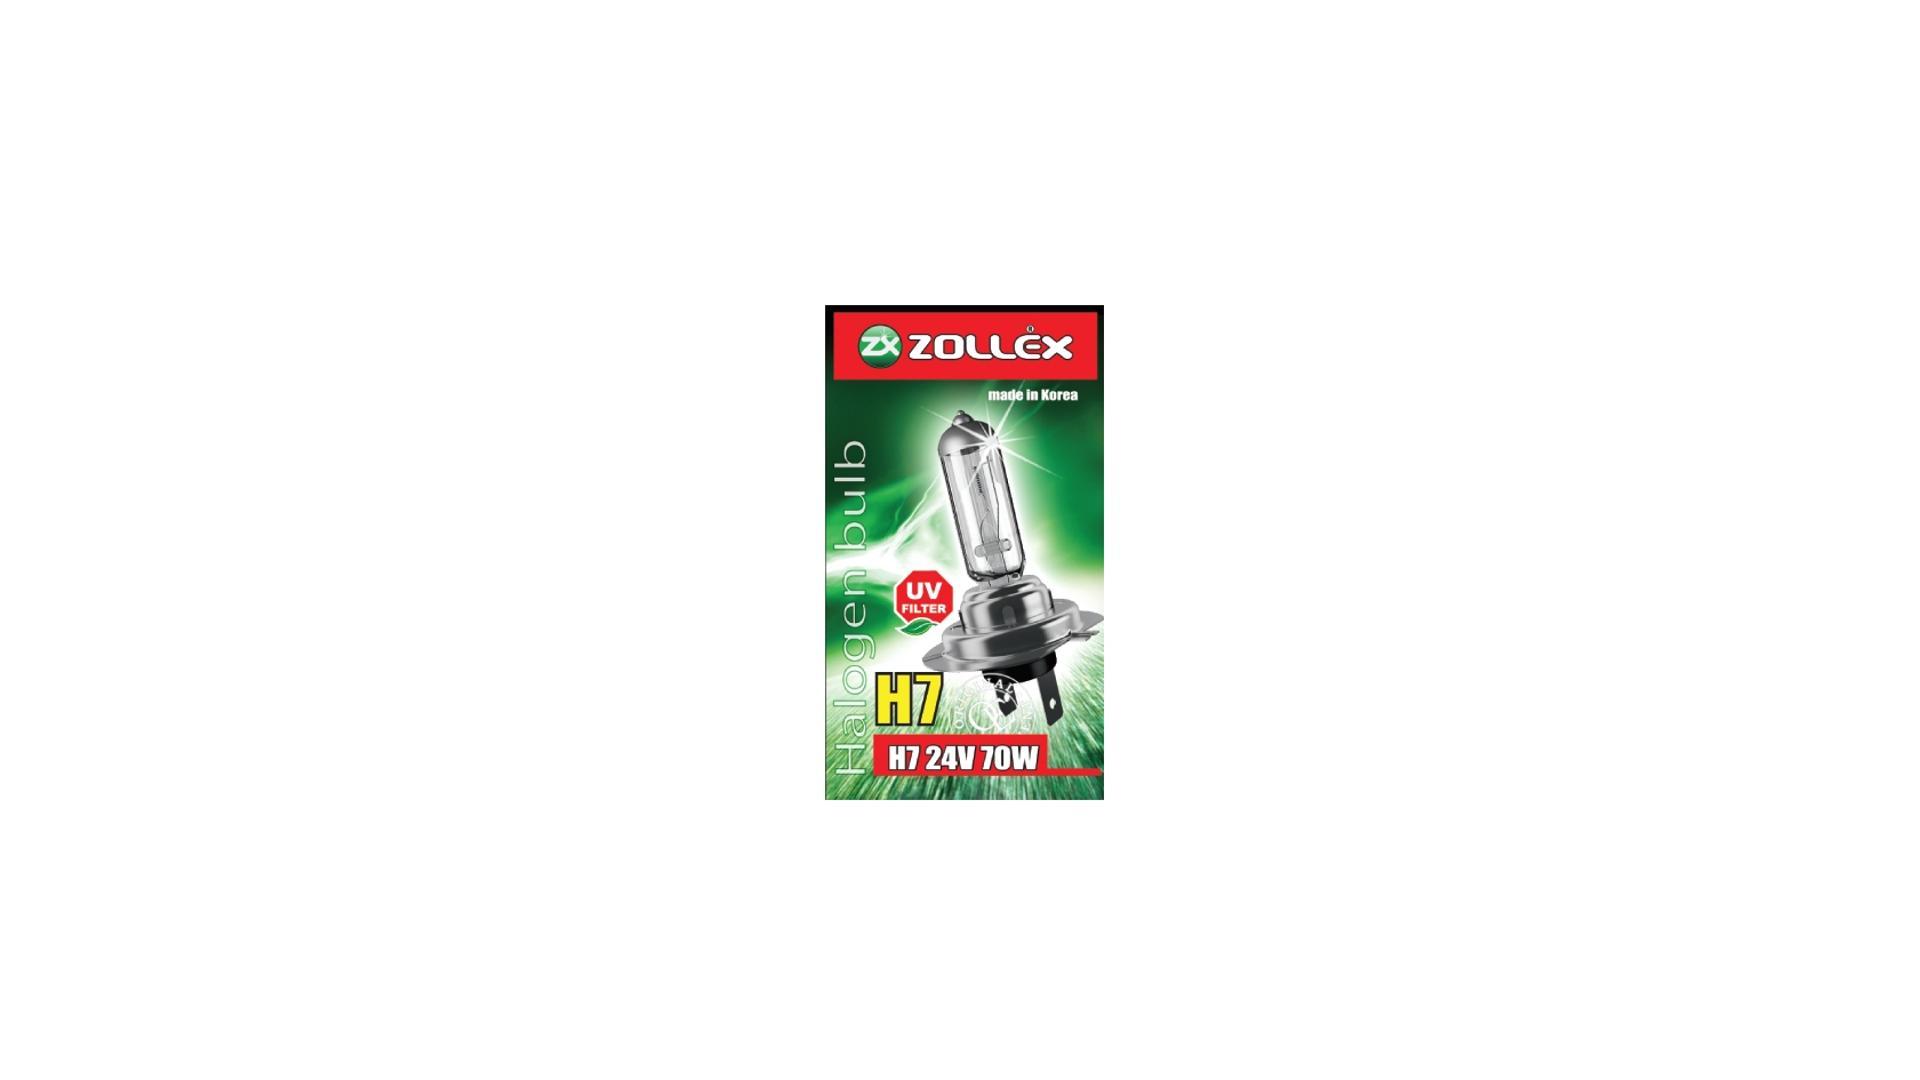 ZOLLEX Halogénová žiarovka H7 24V 70W 59994 Standard (freight program)